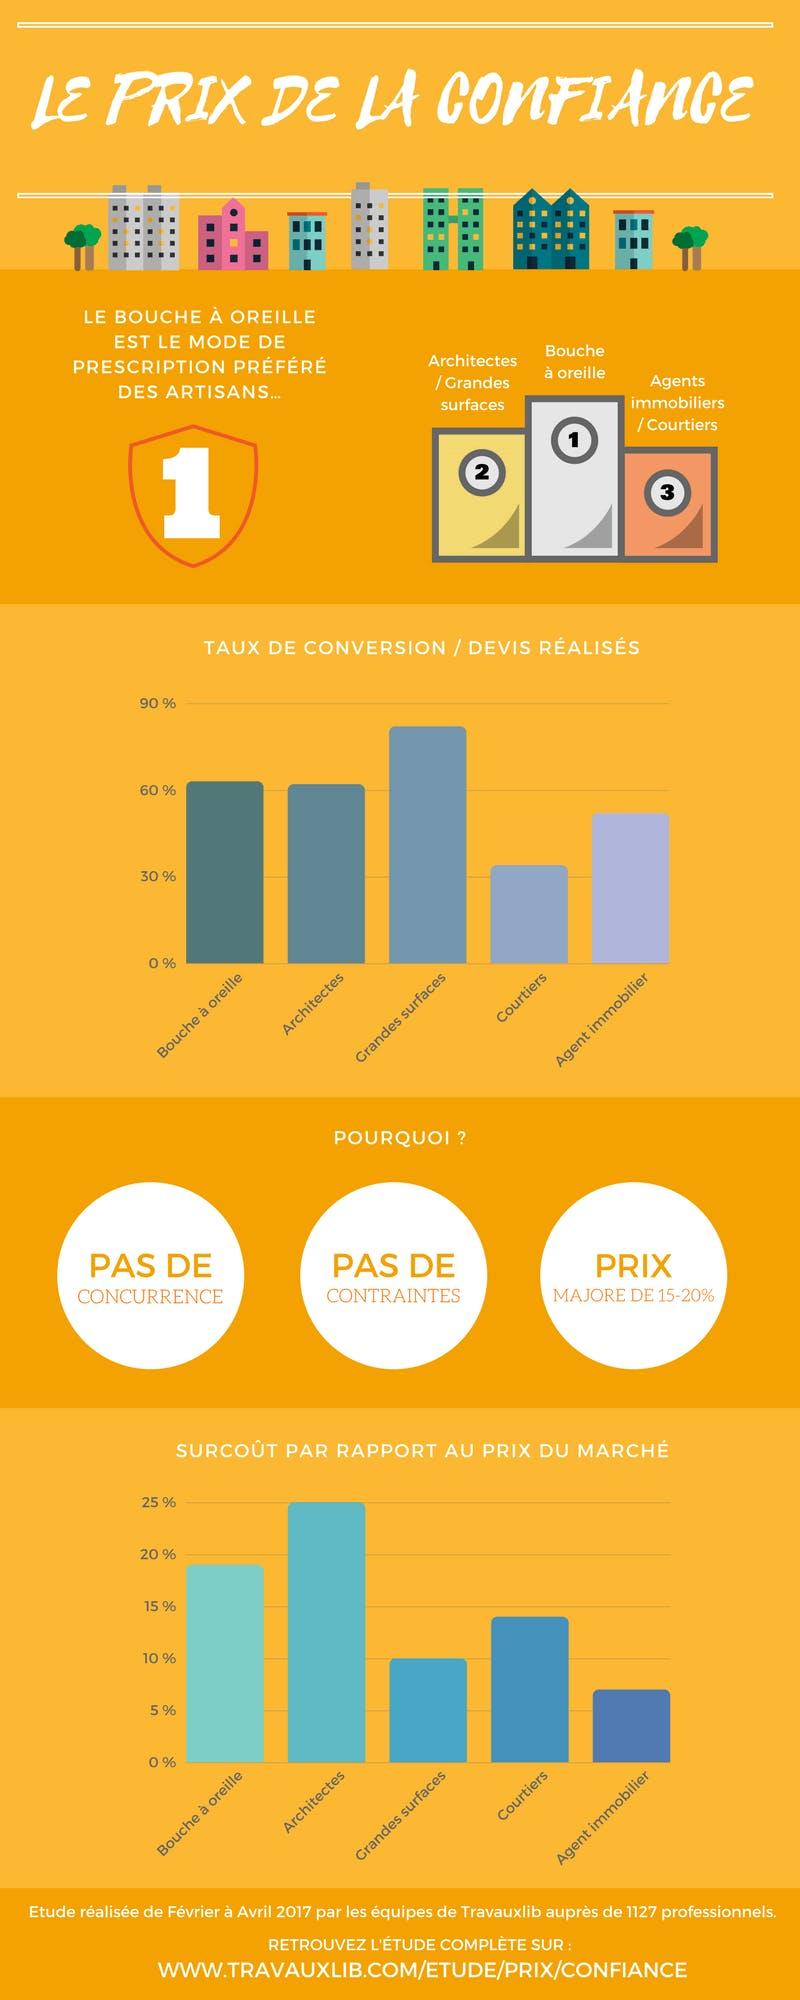 Infographie hemea PRIX DE LA CONFIANCE